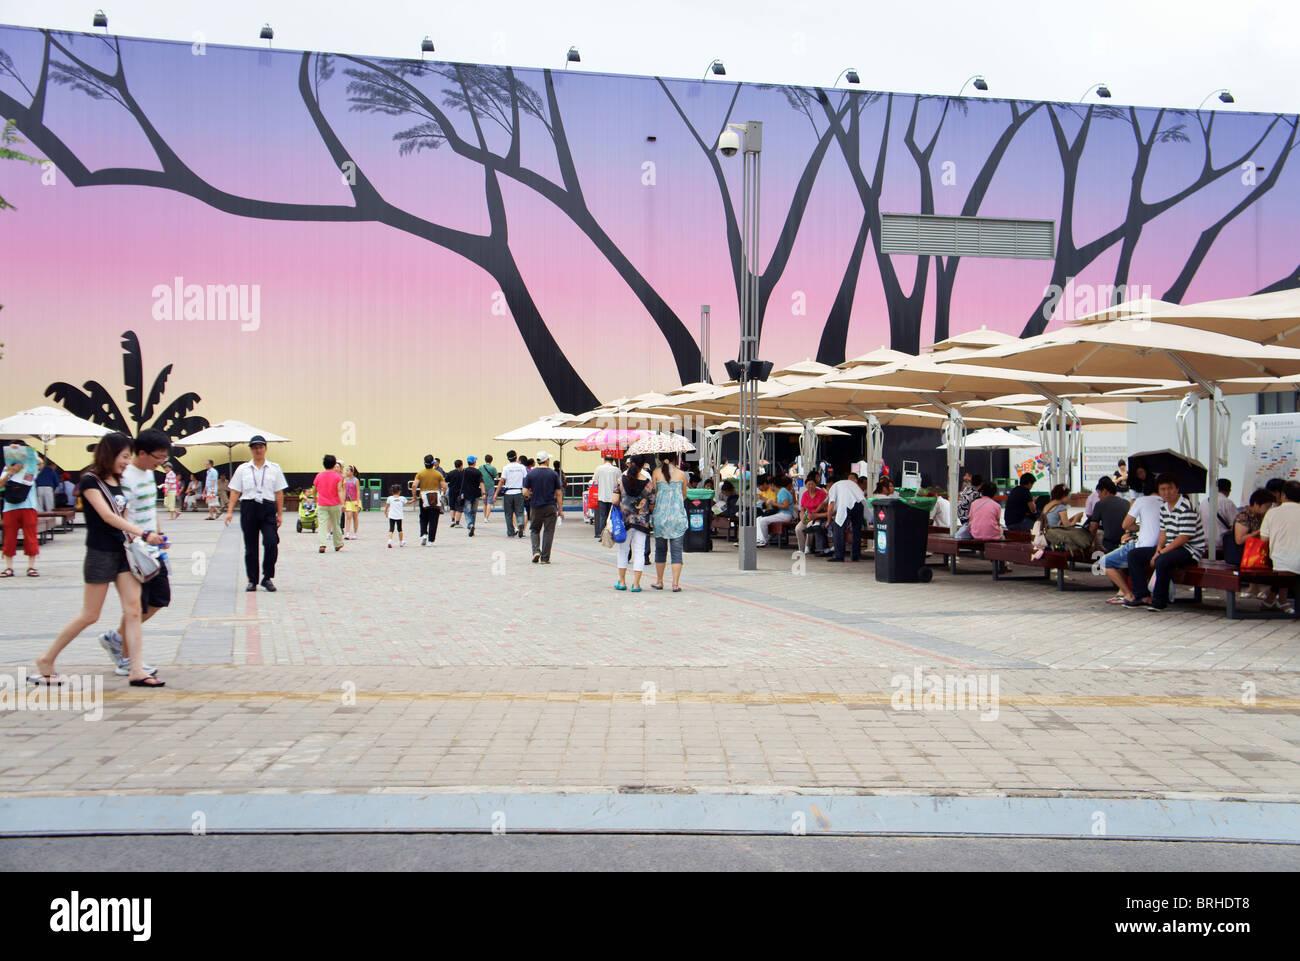 Shanghai World Expo 2010, China. Sidewalk outside the Africa pavilion - Stock Image